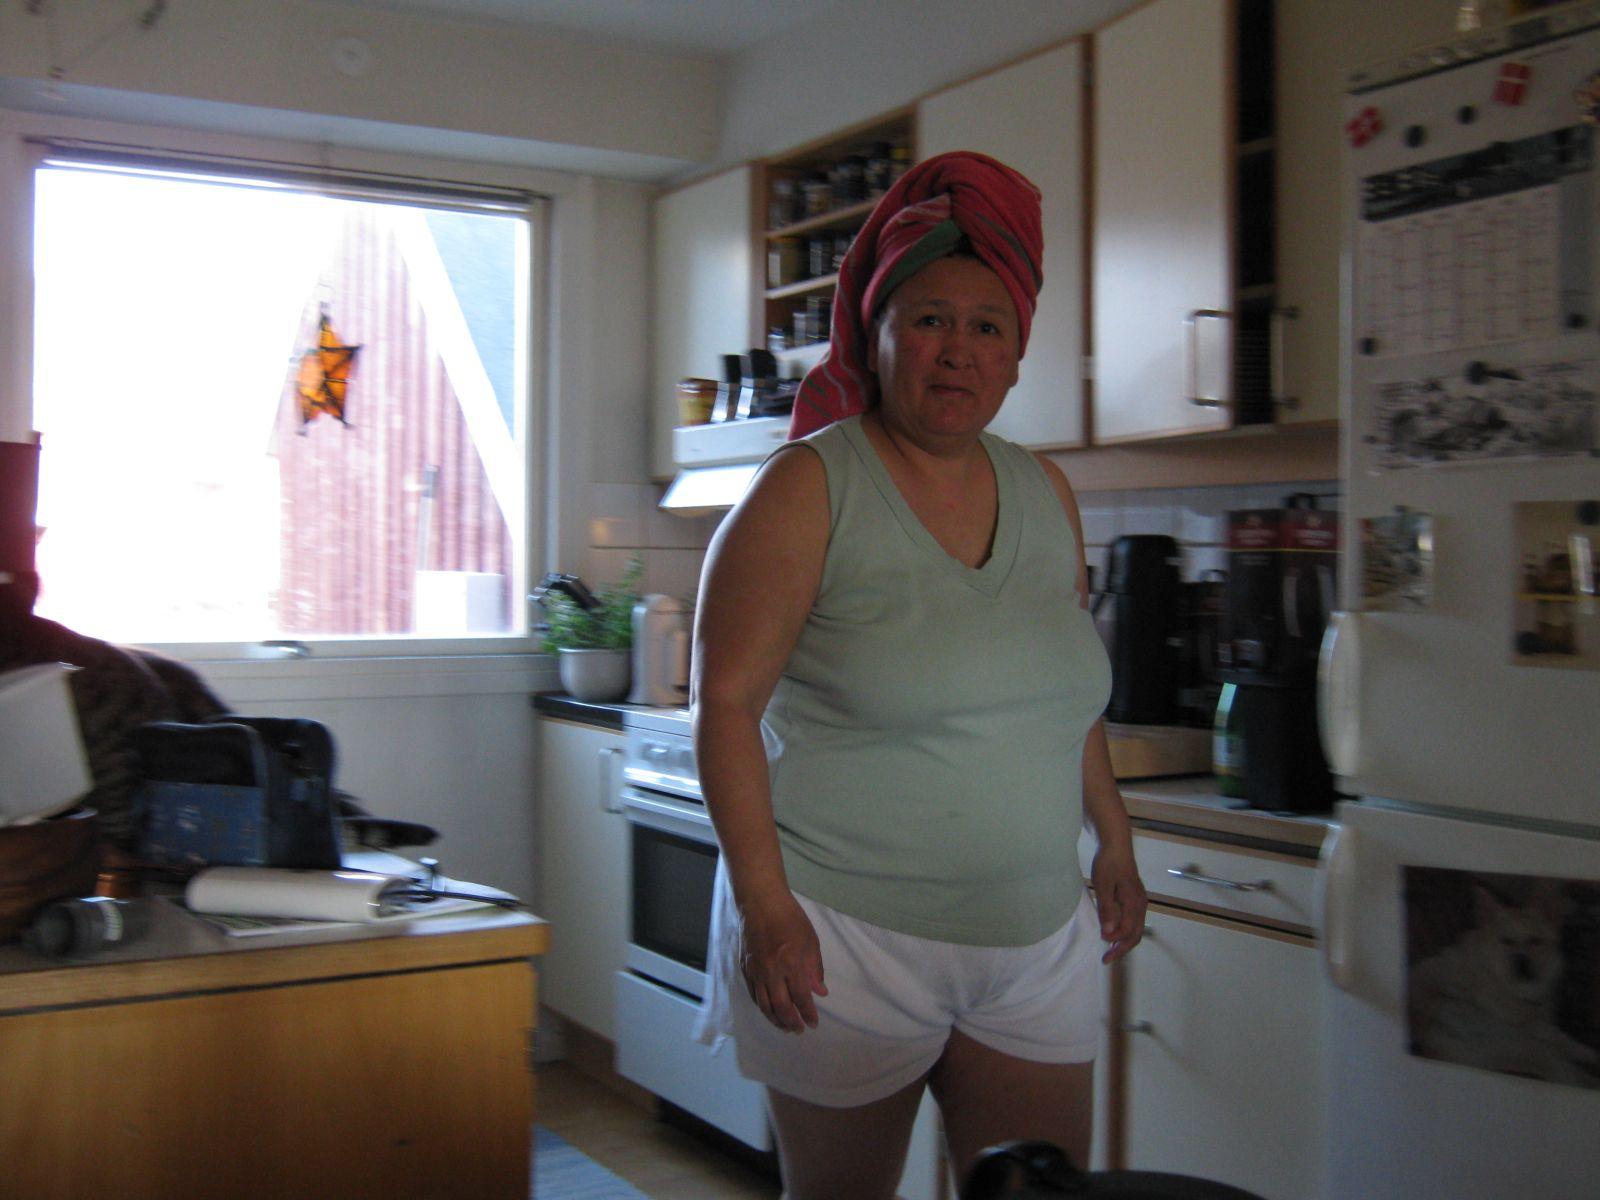 2009-06-15-1749_Maren Mikkelsen Lennert_3